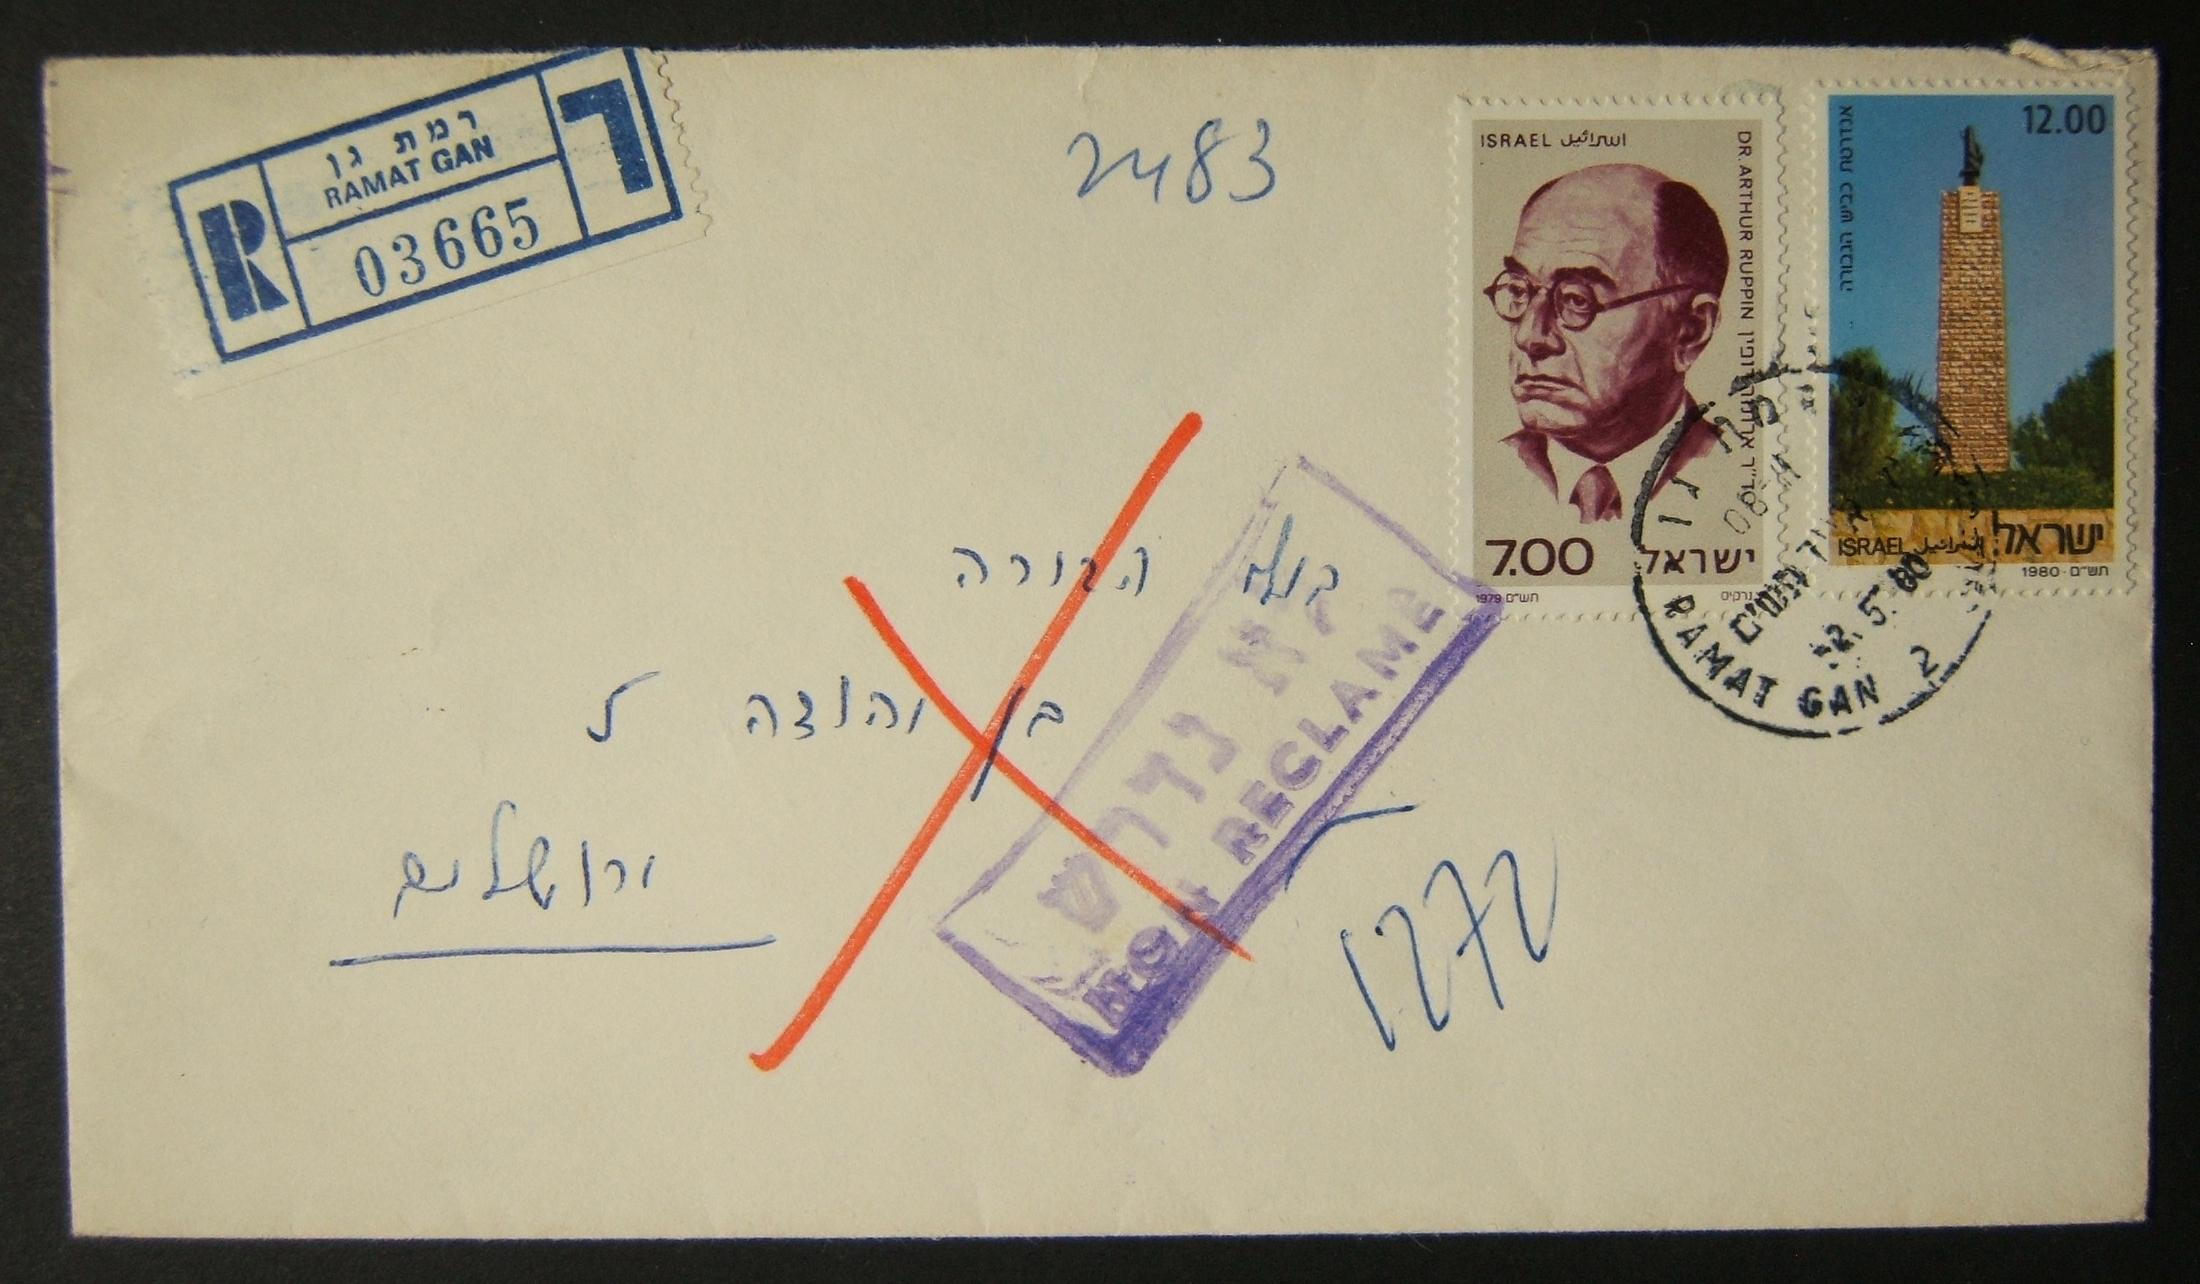 2-5-1980 רמת גן לדואר ירושלים עם שער מטבע גבוה 19 לירה פרנקינג